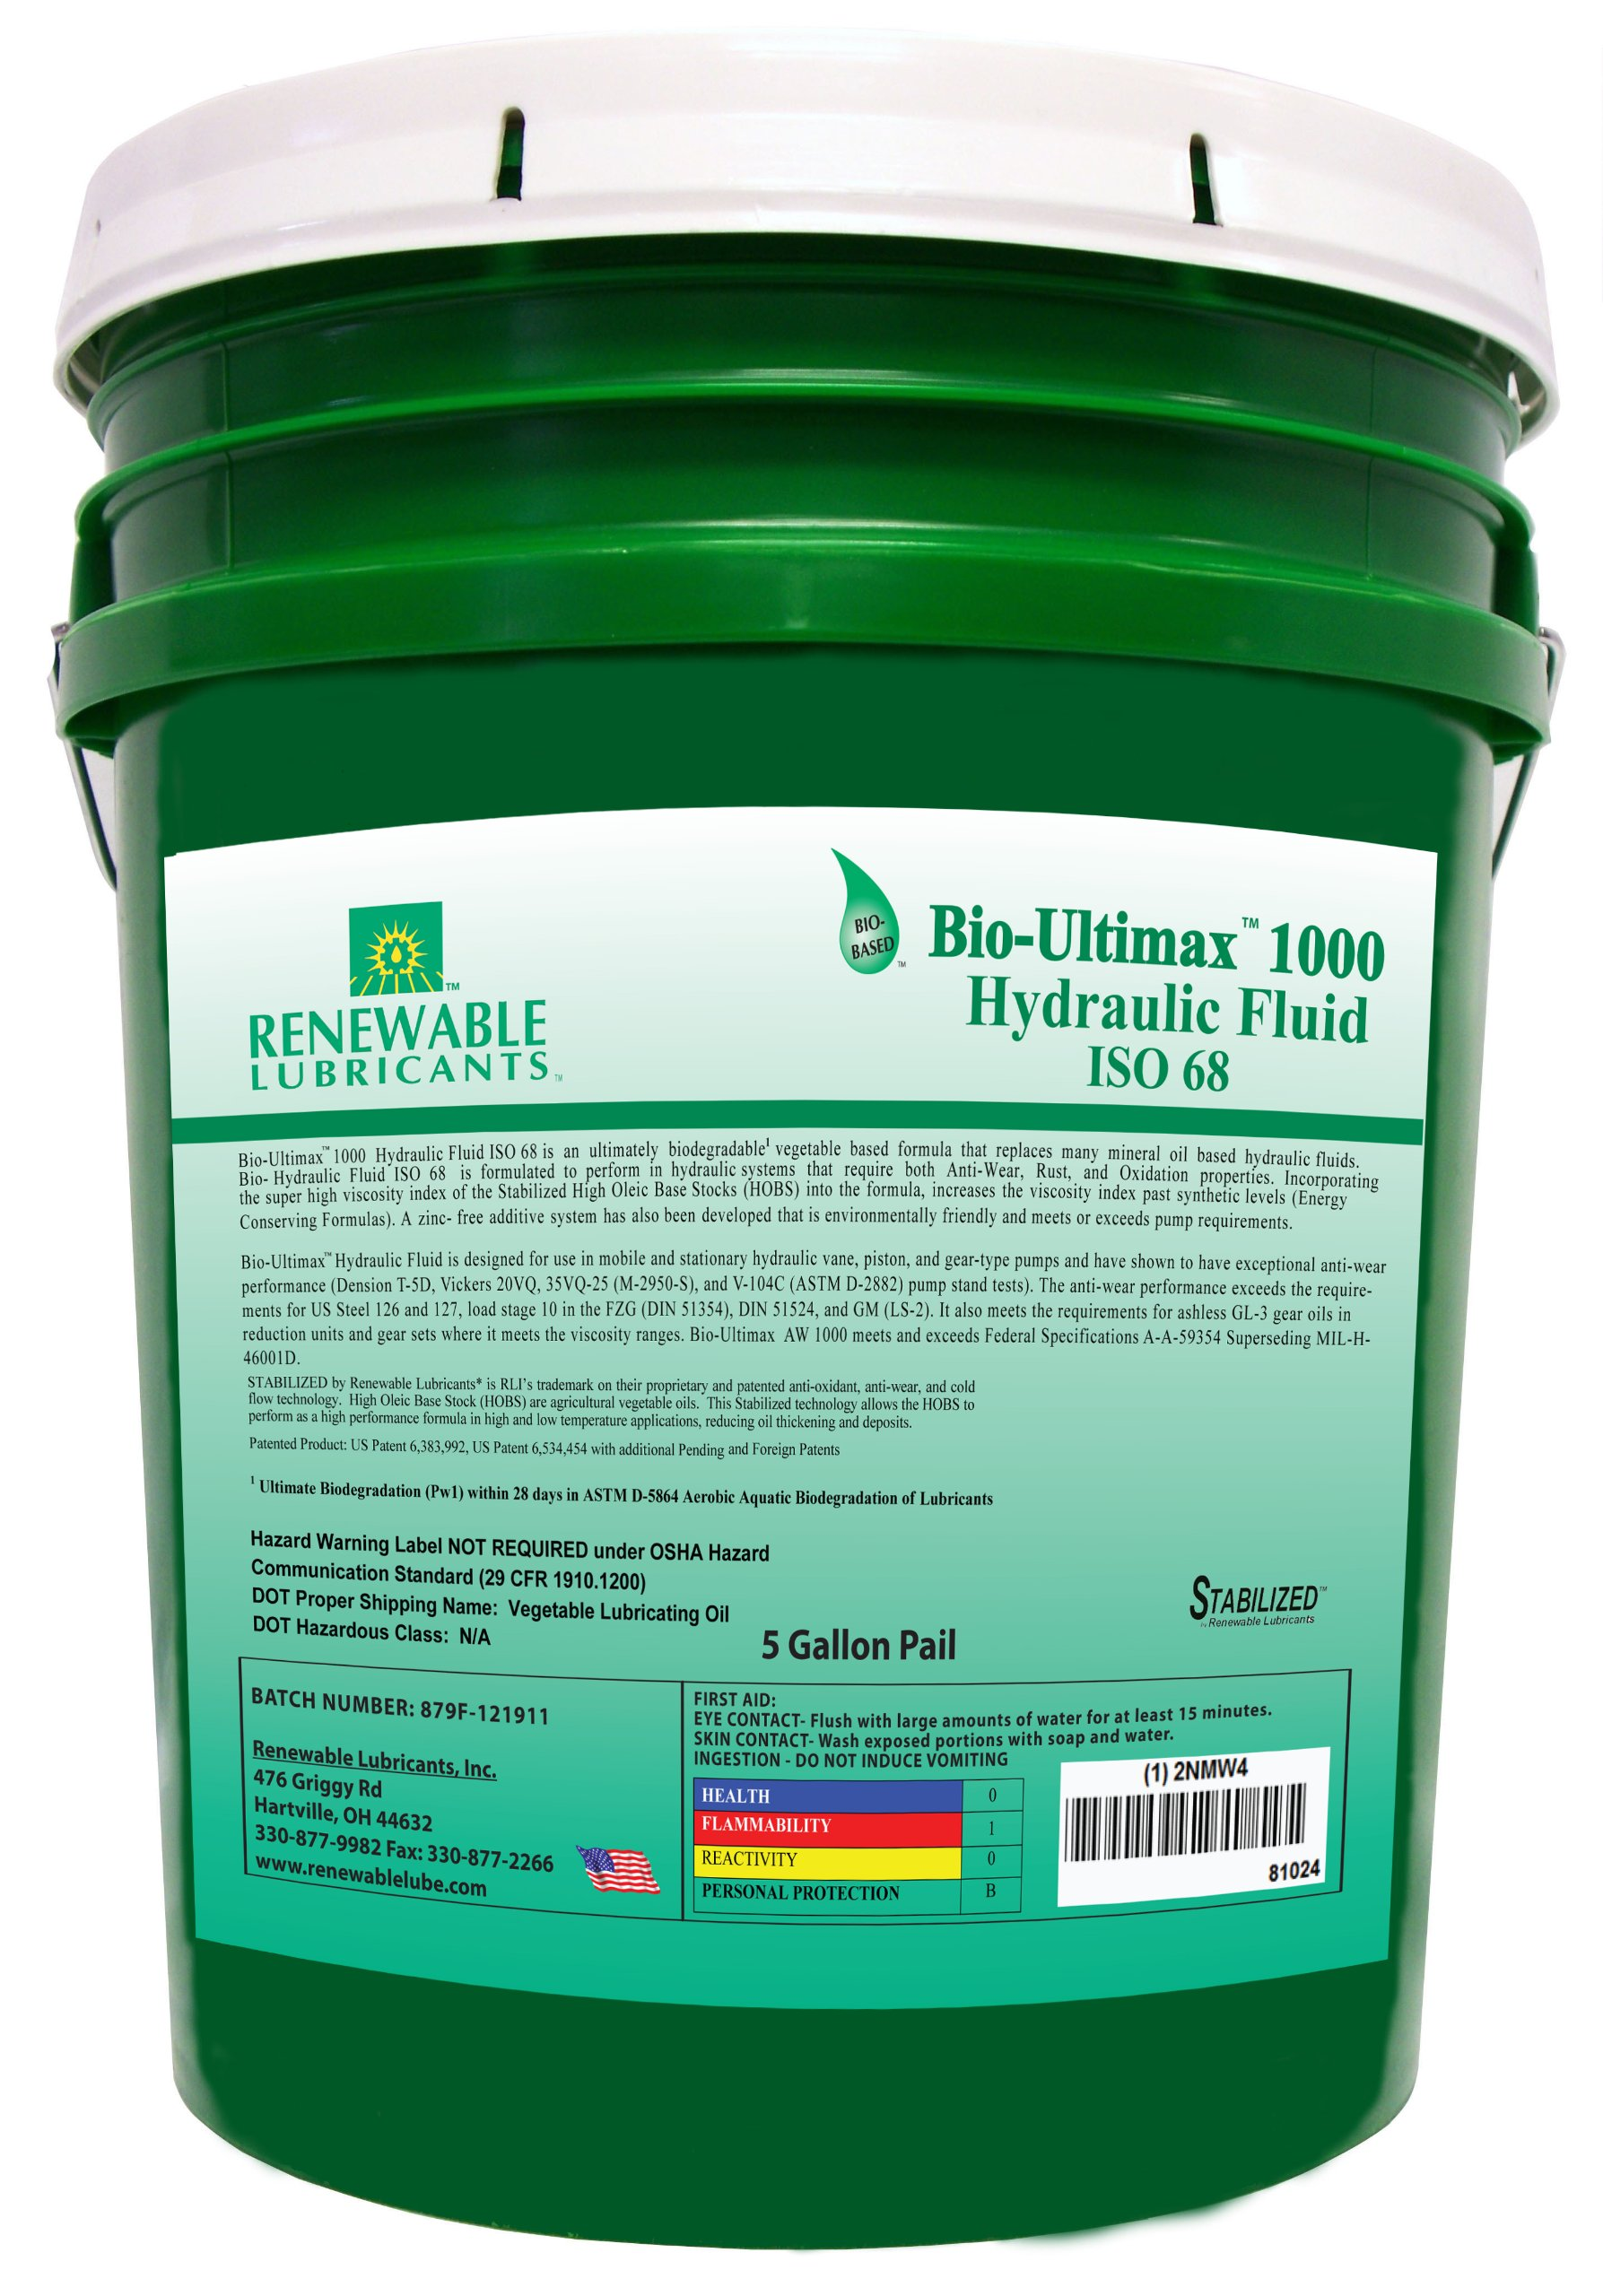 Renewable Lubricants Bio-Ultimax 1000 ISO 68 Hydraulic Lubricant, 5 Gallon Pail by Renewable Lubricants